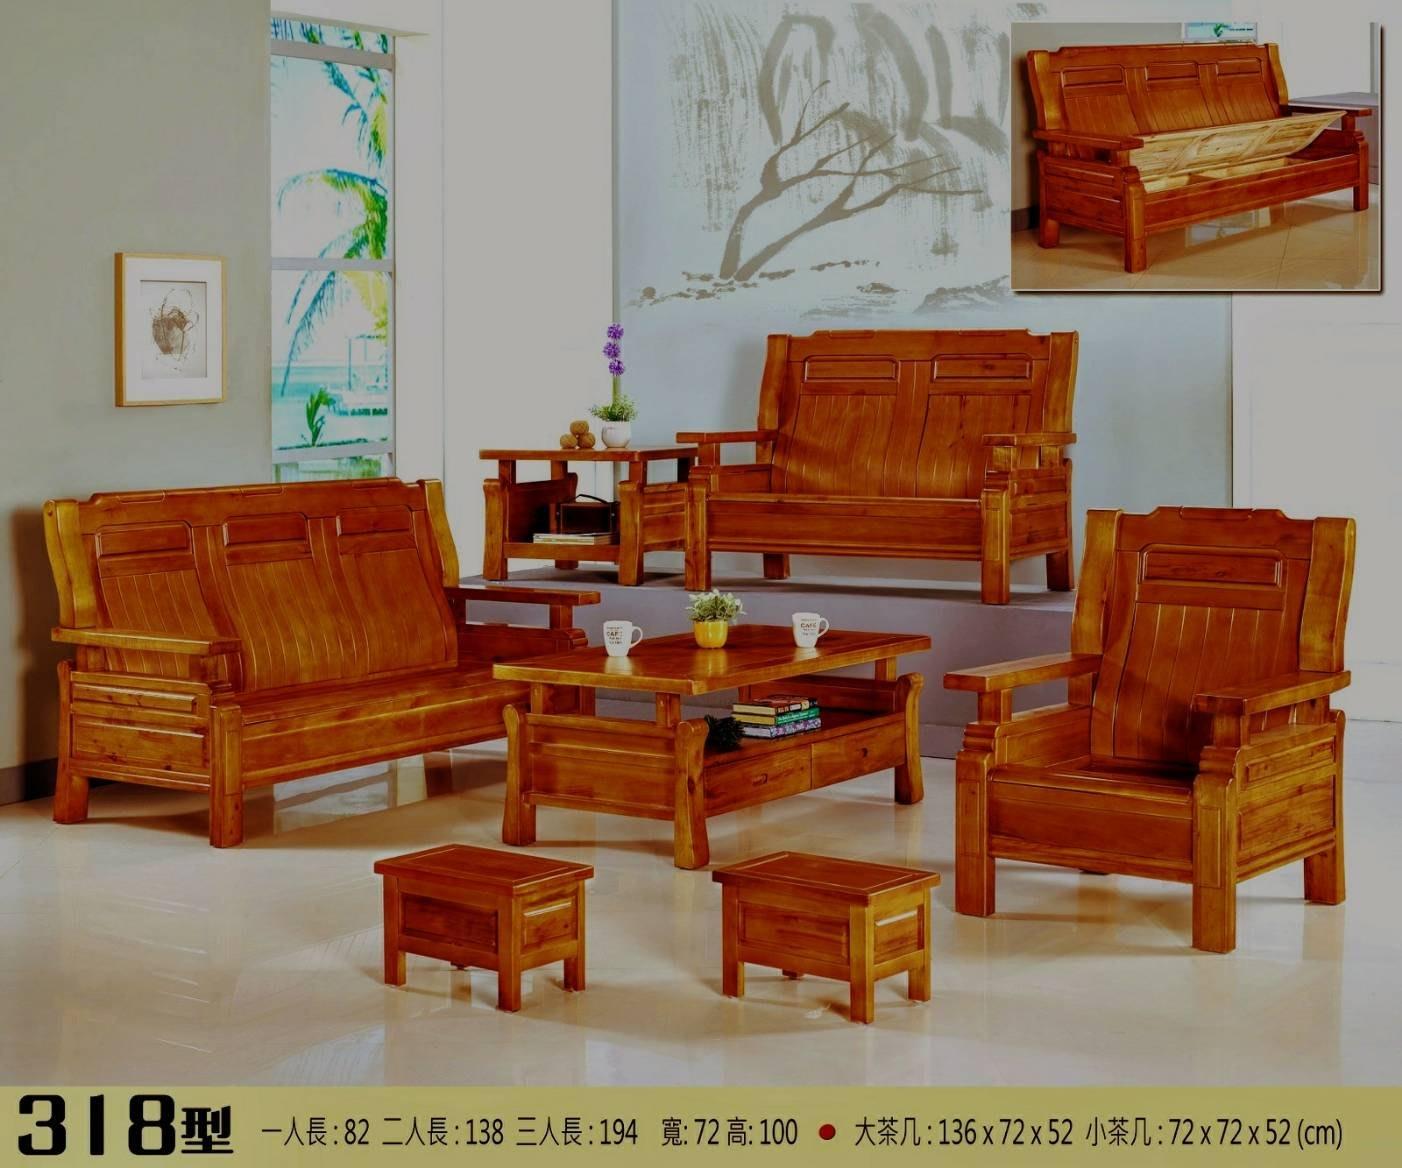 大台北冠均二手貨中心(全省估價 五股店)二手家具--全新實木木製沙發木板椅 茶几 板凳組 5件組 318型